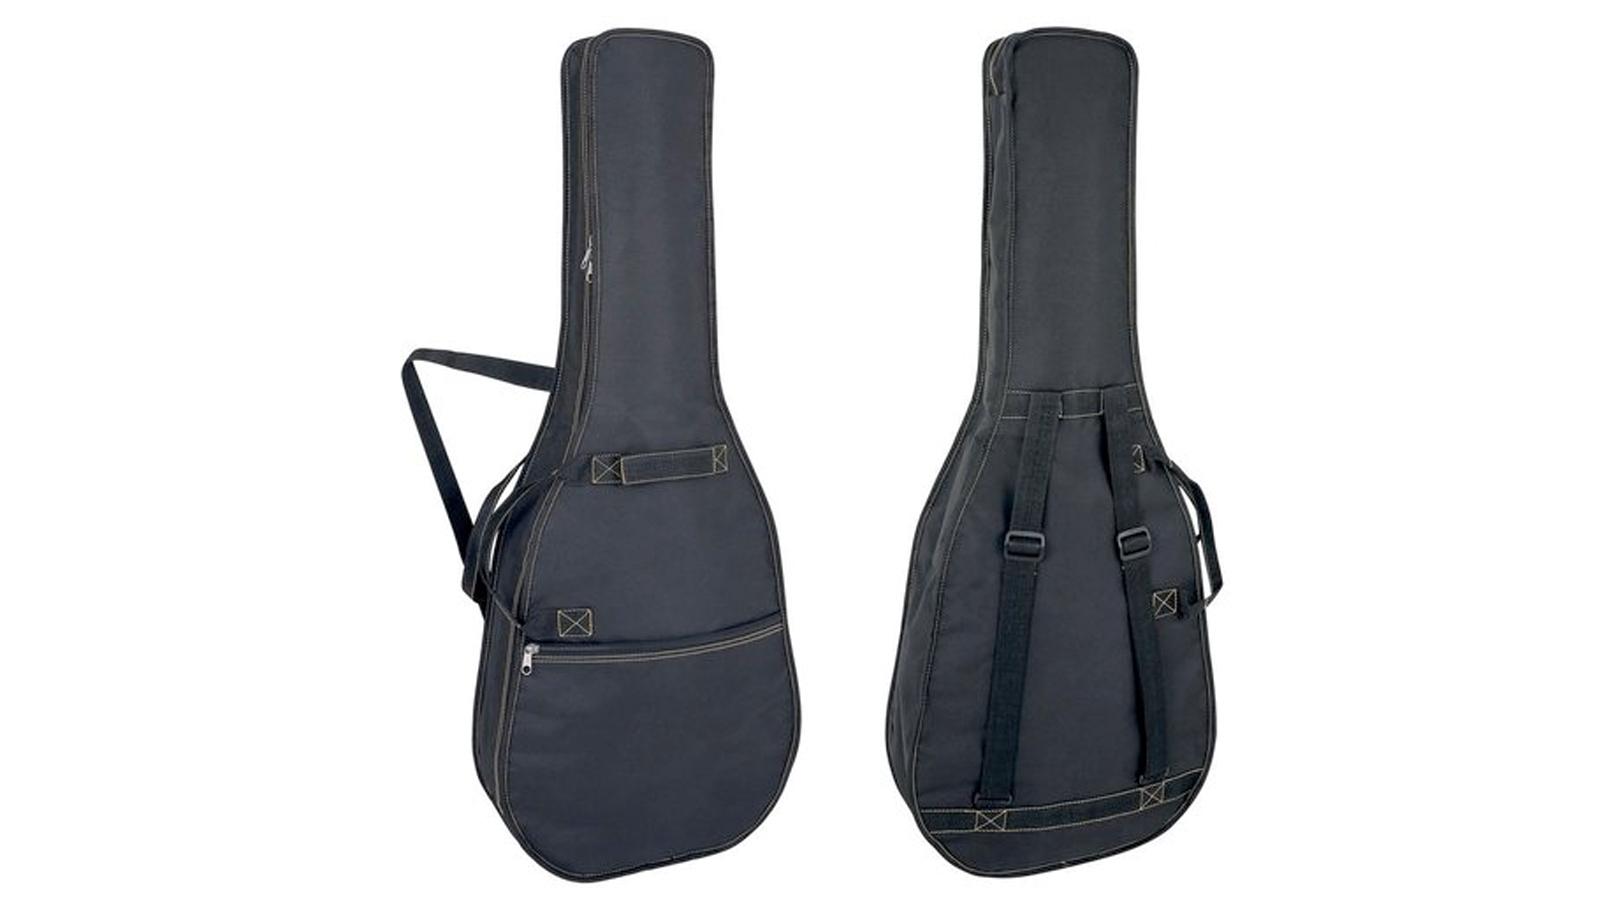 GEWApure Turtle Serie 103 Gigbag Konzertgitarre 4/4 schwarz